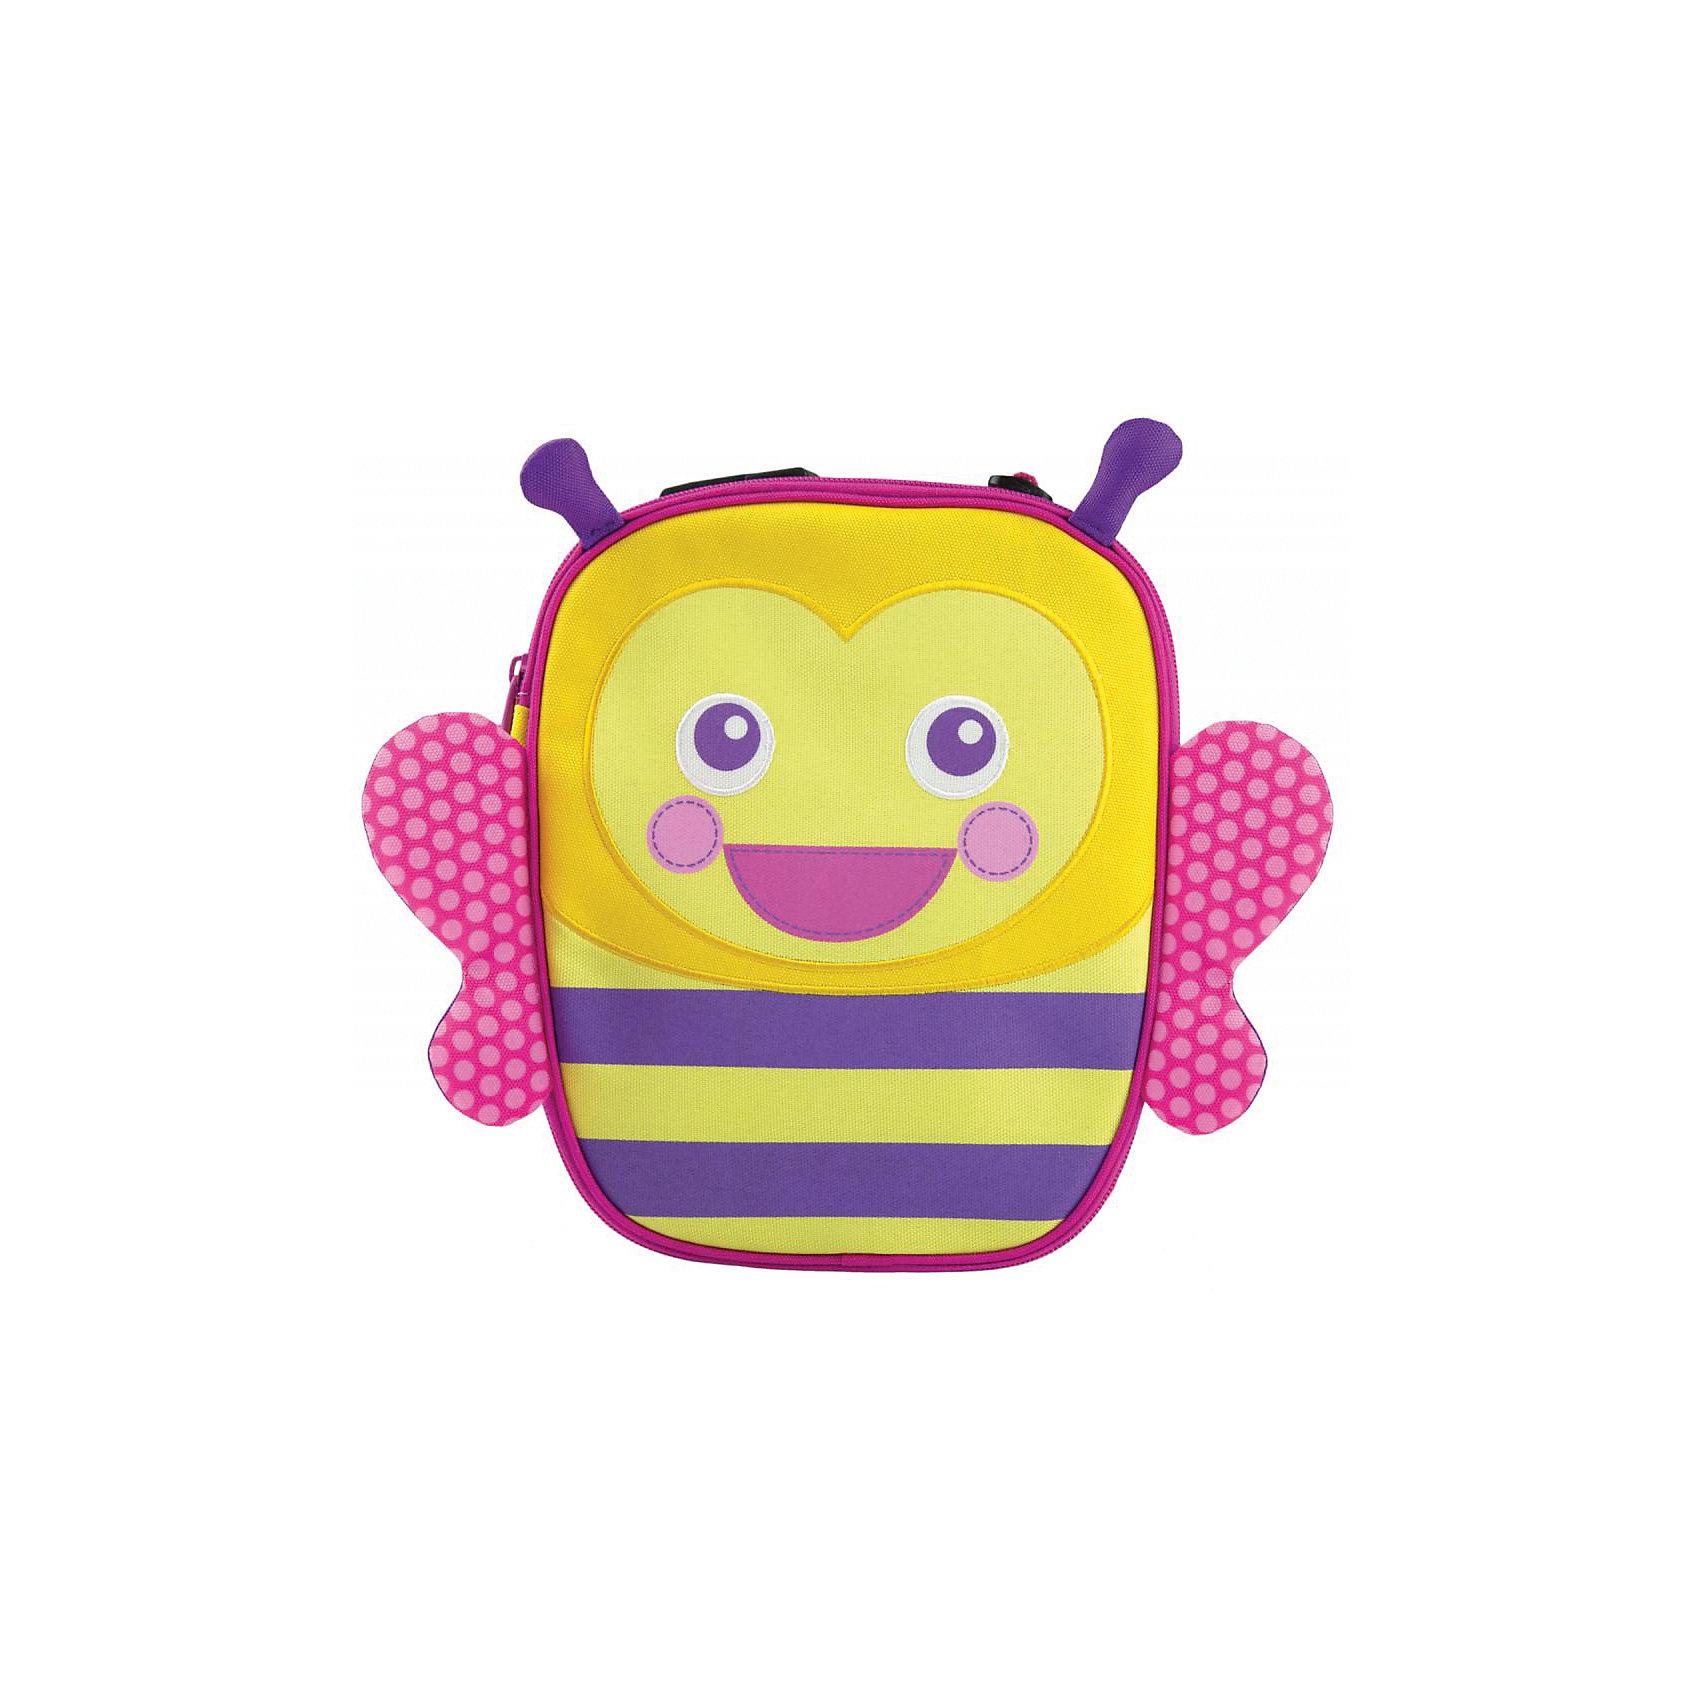 Термосумка желтая, MunchkinТермосумка желтая, Munchkin (Манчкин) – это удобный и практичный аксессуар для вашего малыша.<br>Оригинальный ланч-бокс на молнии позволит сохранить детский перекус в нужной температуре - летом у малыша всегда будет под рукой прохладный напиток и баночка пюре, а в холодное время года в такой сумочке удобно брать с собой горячий обед. Термосумка вмещает полноценный детский обед с напитком. Изолированная термоподкладка надолго сохранит температуру еды. Подкладка легко чистится, Сумочка имеет отдельный сетчатый карман для столовых приборов, салфеток и прочих мелочей. Предусмотрена удобная ручка для переноски - благодаря пряжке на ручке, ланч-бокс можно подвесить на коляску или прикрепить к взрослой сумке, если вы собираетесь в поездку.<br><br>Дополнительная информация:<br><br>- Размер упаковки: 30 х 25 х 12 см.<br>- Вес: 350 г.<br><br>Термосумку желтую, Munchkin (Манчкин) можно купить в нашем интернет-магазине.<br><br>Ширина мм: 300<br>Глубина мм: 250<br>Высота мм: 120<br>Вес г: 350<br>Возраст от месяцев: 12<br>Возраст до месяцев: 36<br>Пол: Унисекс<br>Возраст: Детский<br>SKU: 4142398